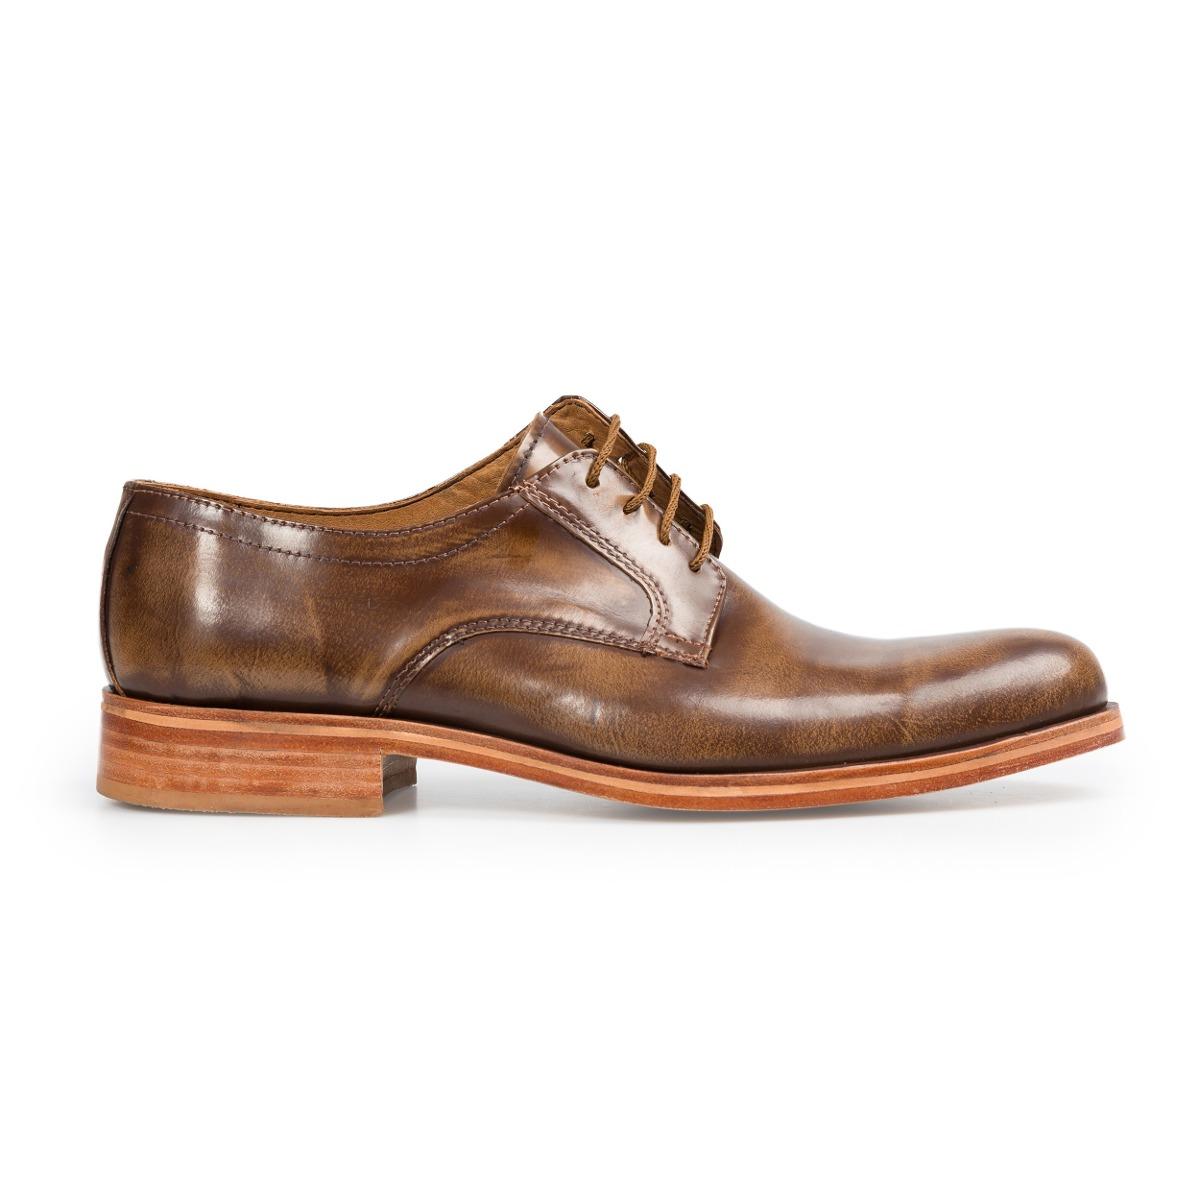 c05e12b277f tremendo scarpe zapato hombre vestir sport cuero marron. Cargando zoom.